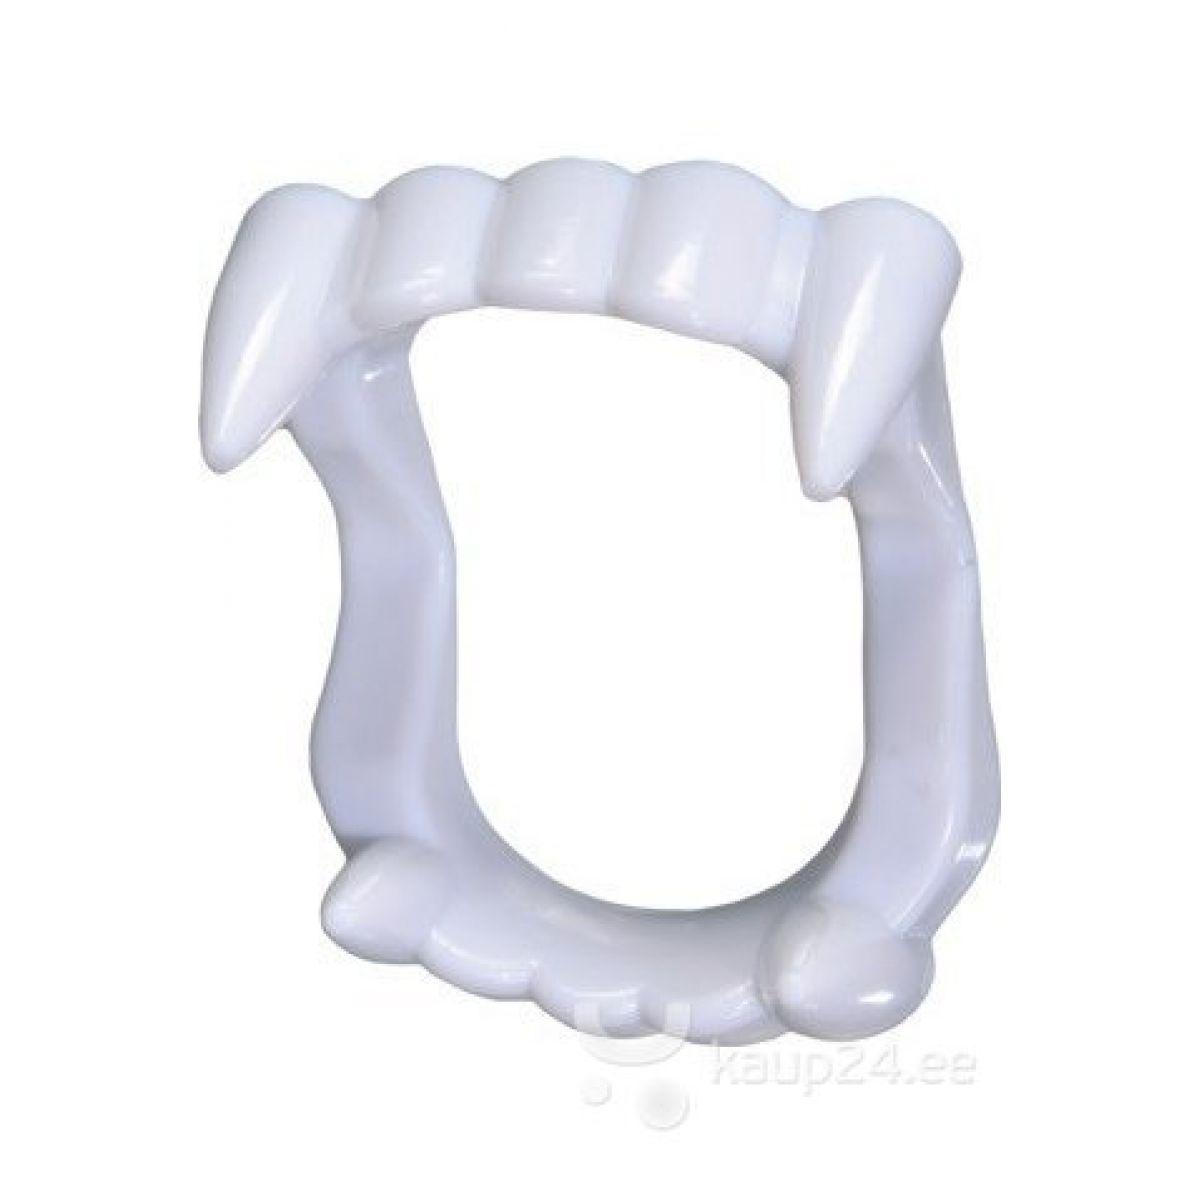 HM Studio žertovný předmět Upíří zuby